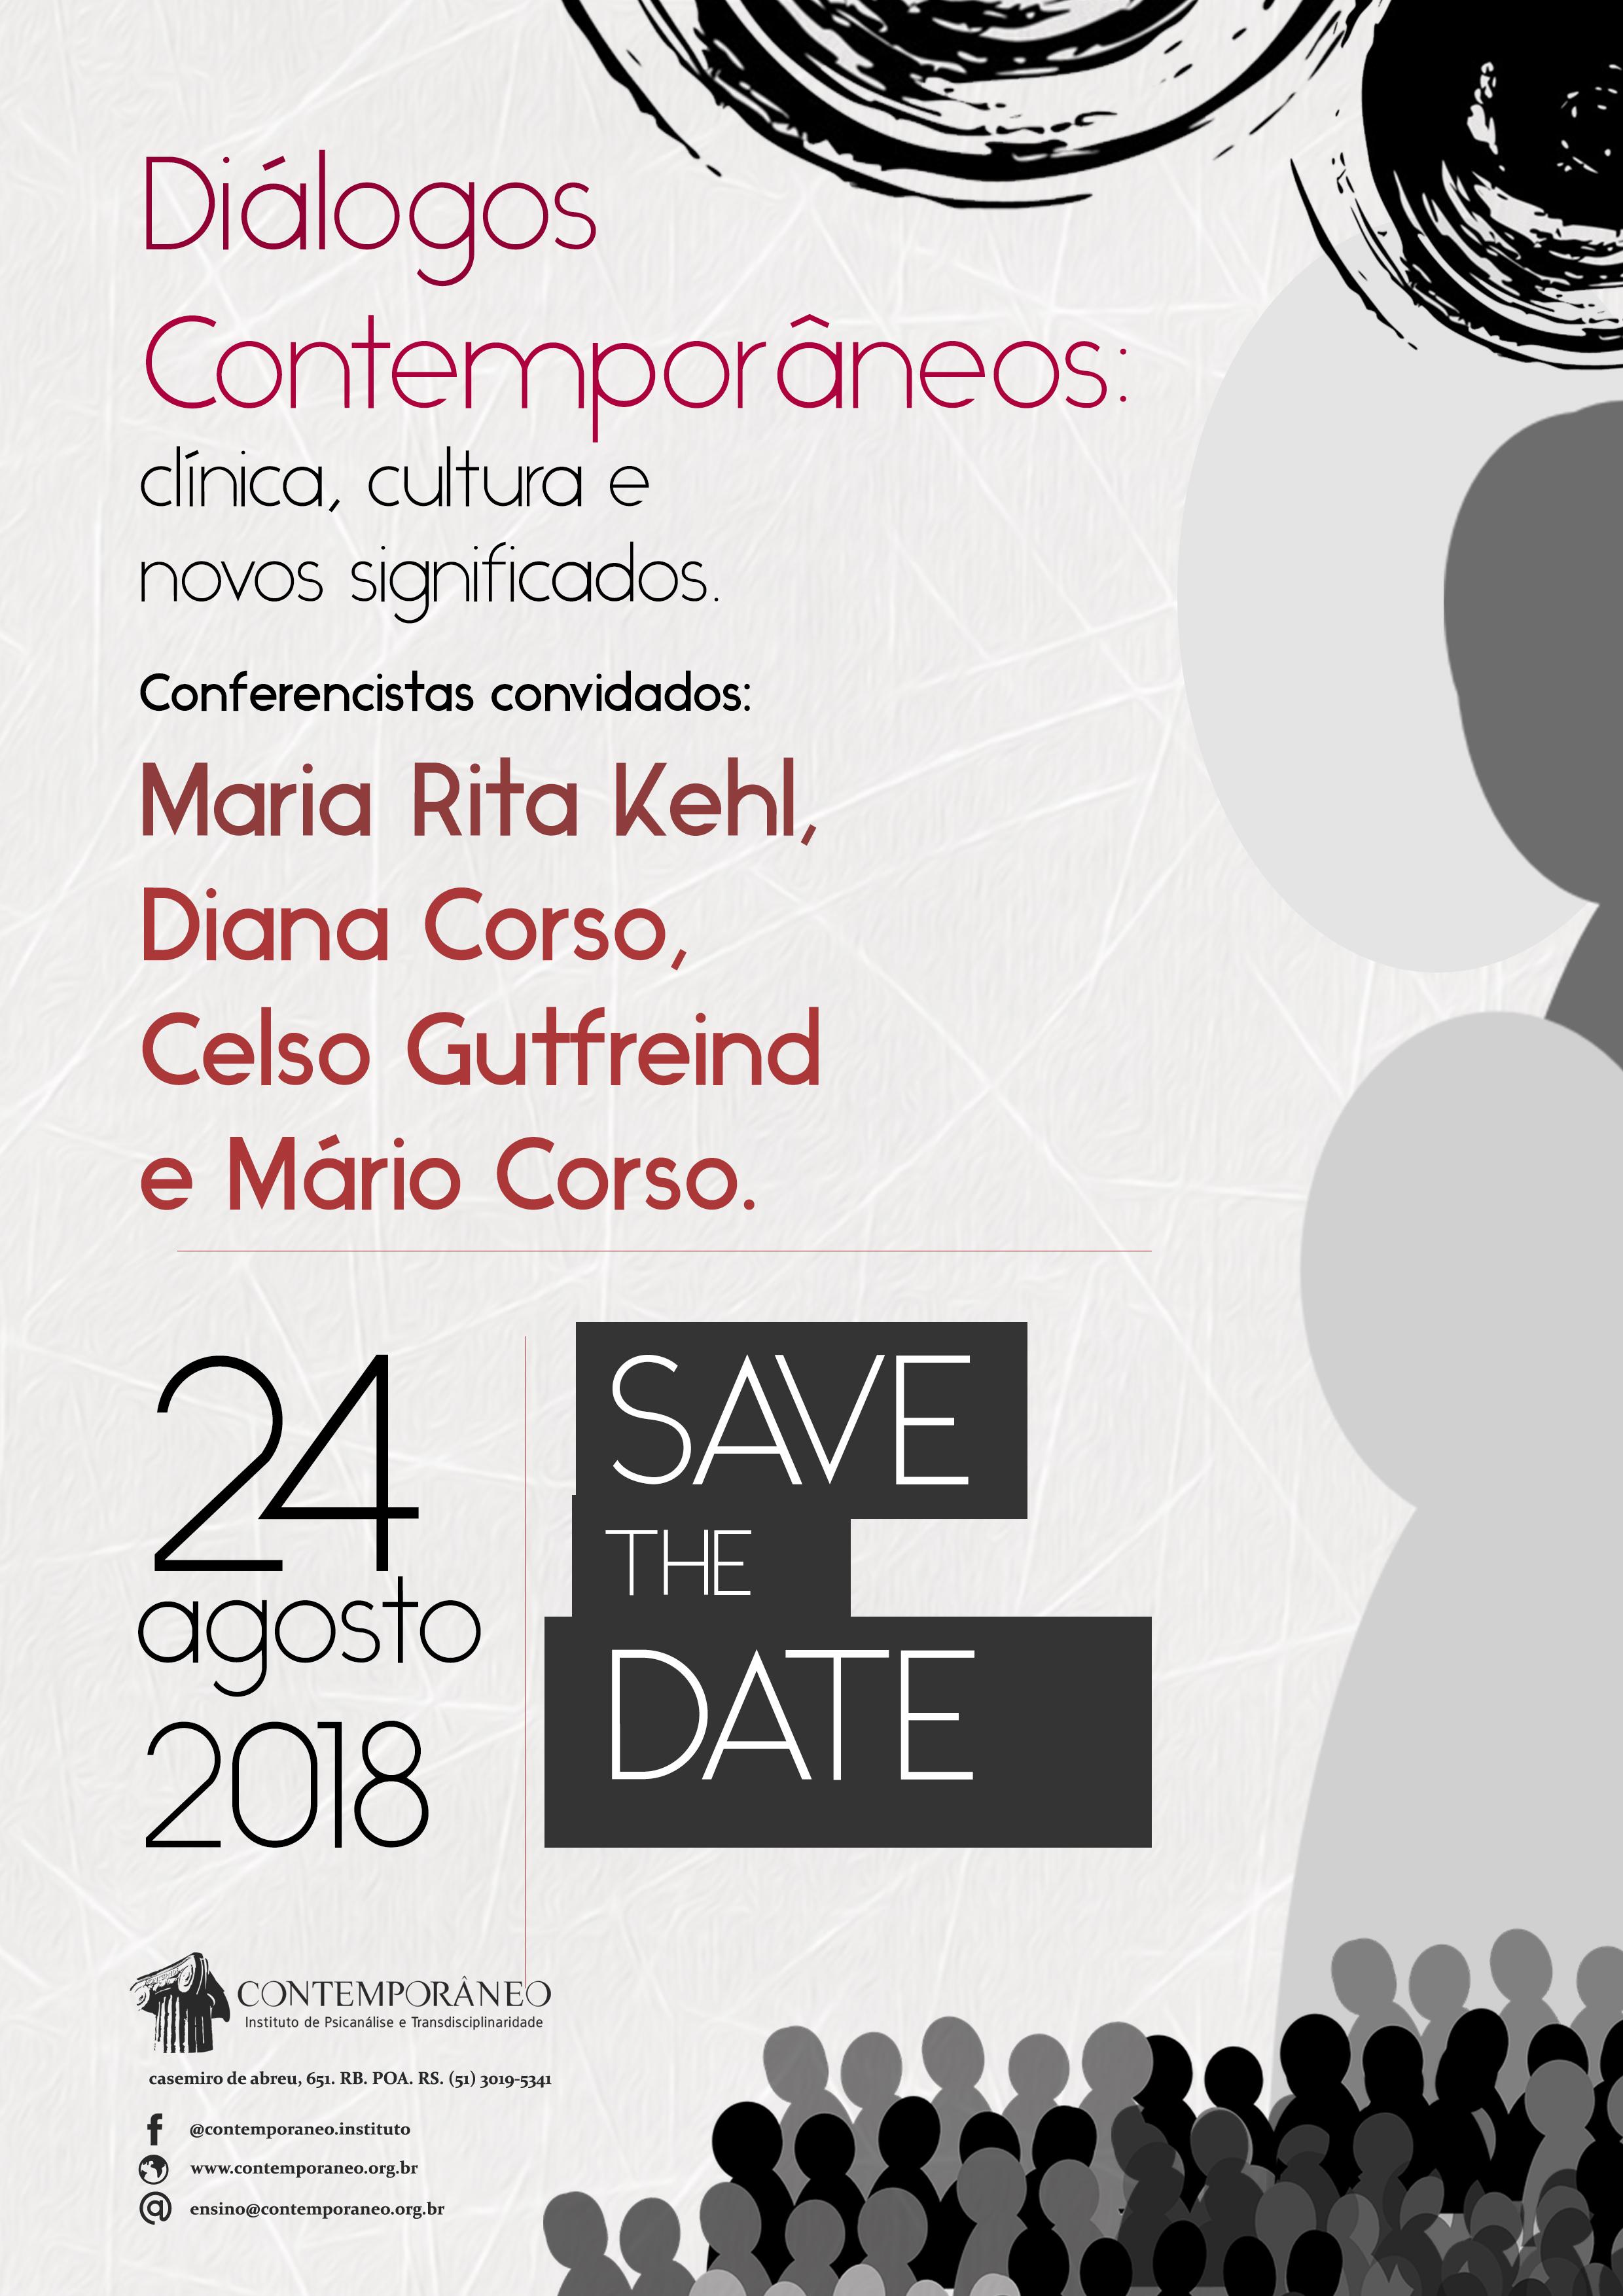 Curso para Jornada 2018 Diálogos Contemporâneos - Profissionais e estudantes de pós-graduação